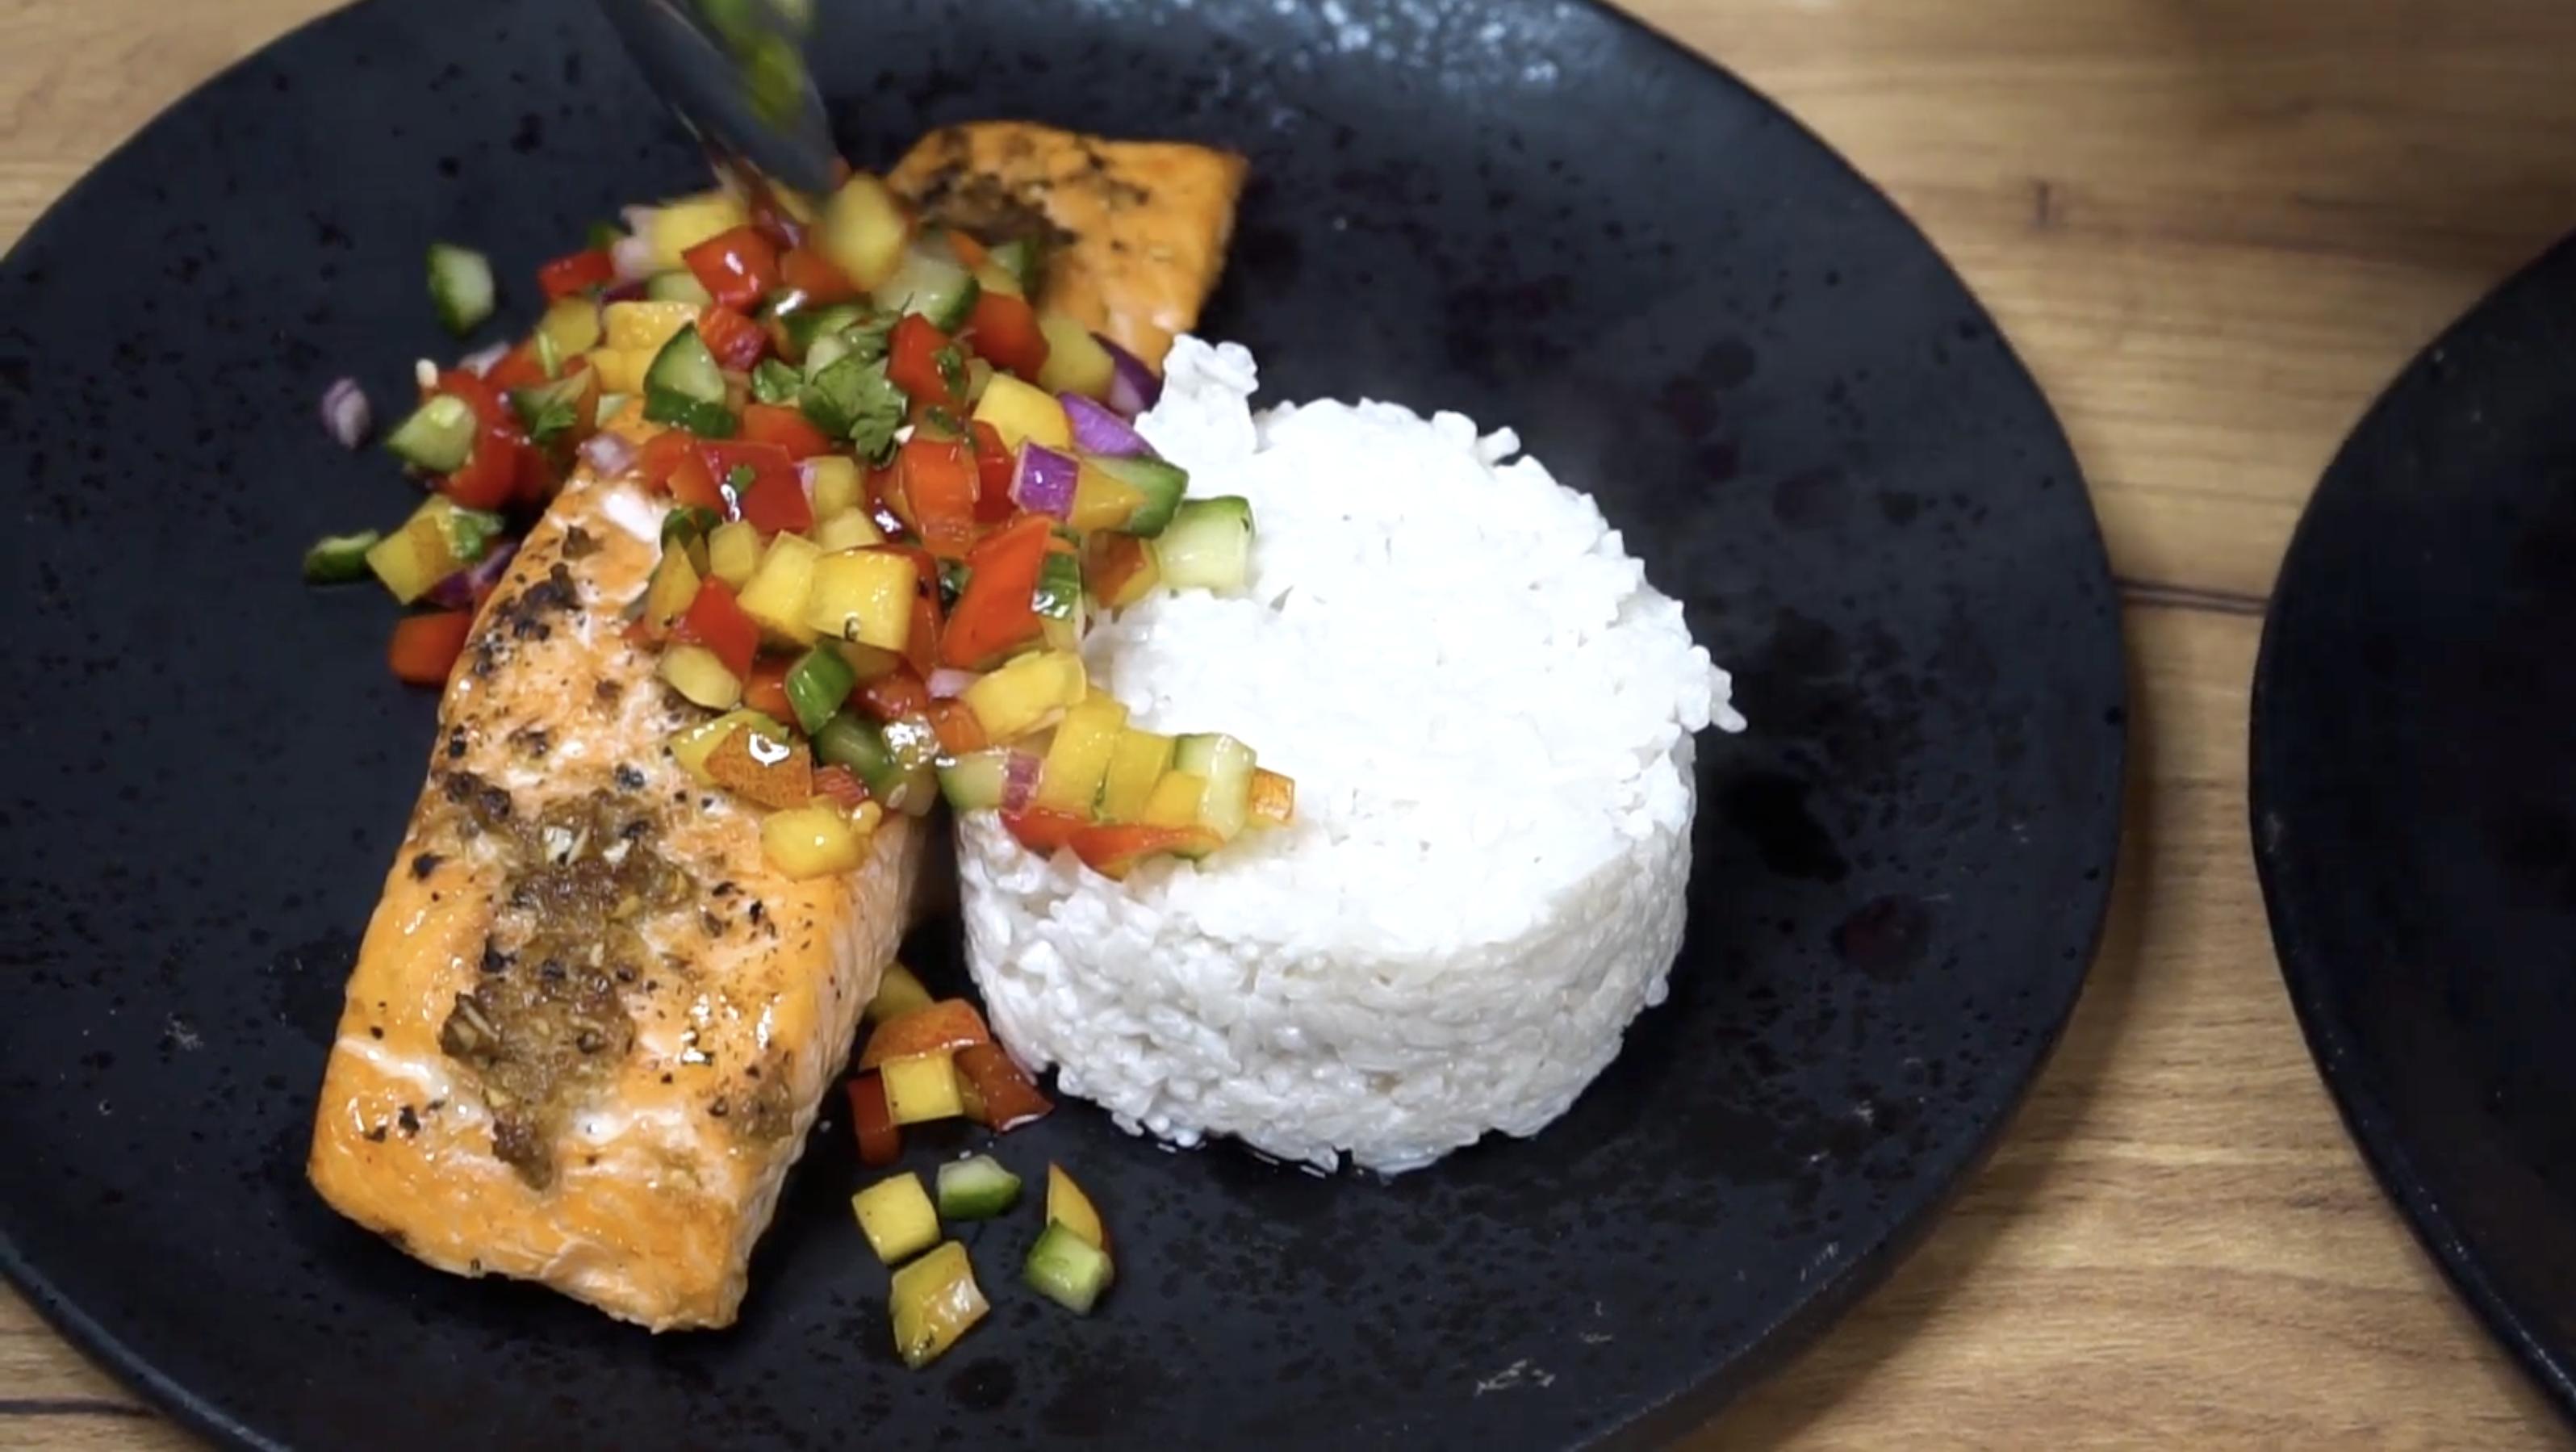 Pyszne i zdrowie danie obiadowe z marynowanym łososiem jak co niedziele w kuchni MaxElektro i Bosch proponuję Ola. Smacznego.